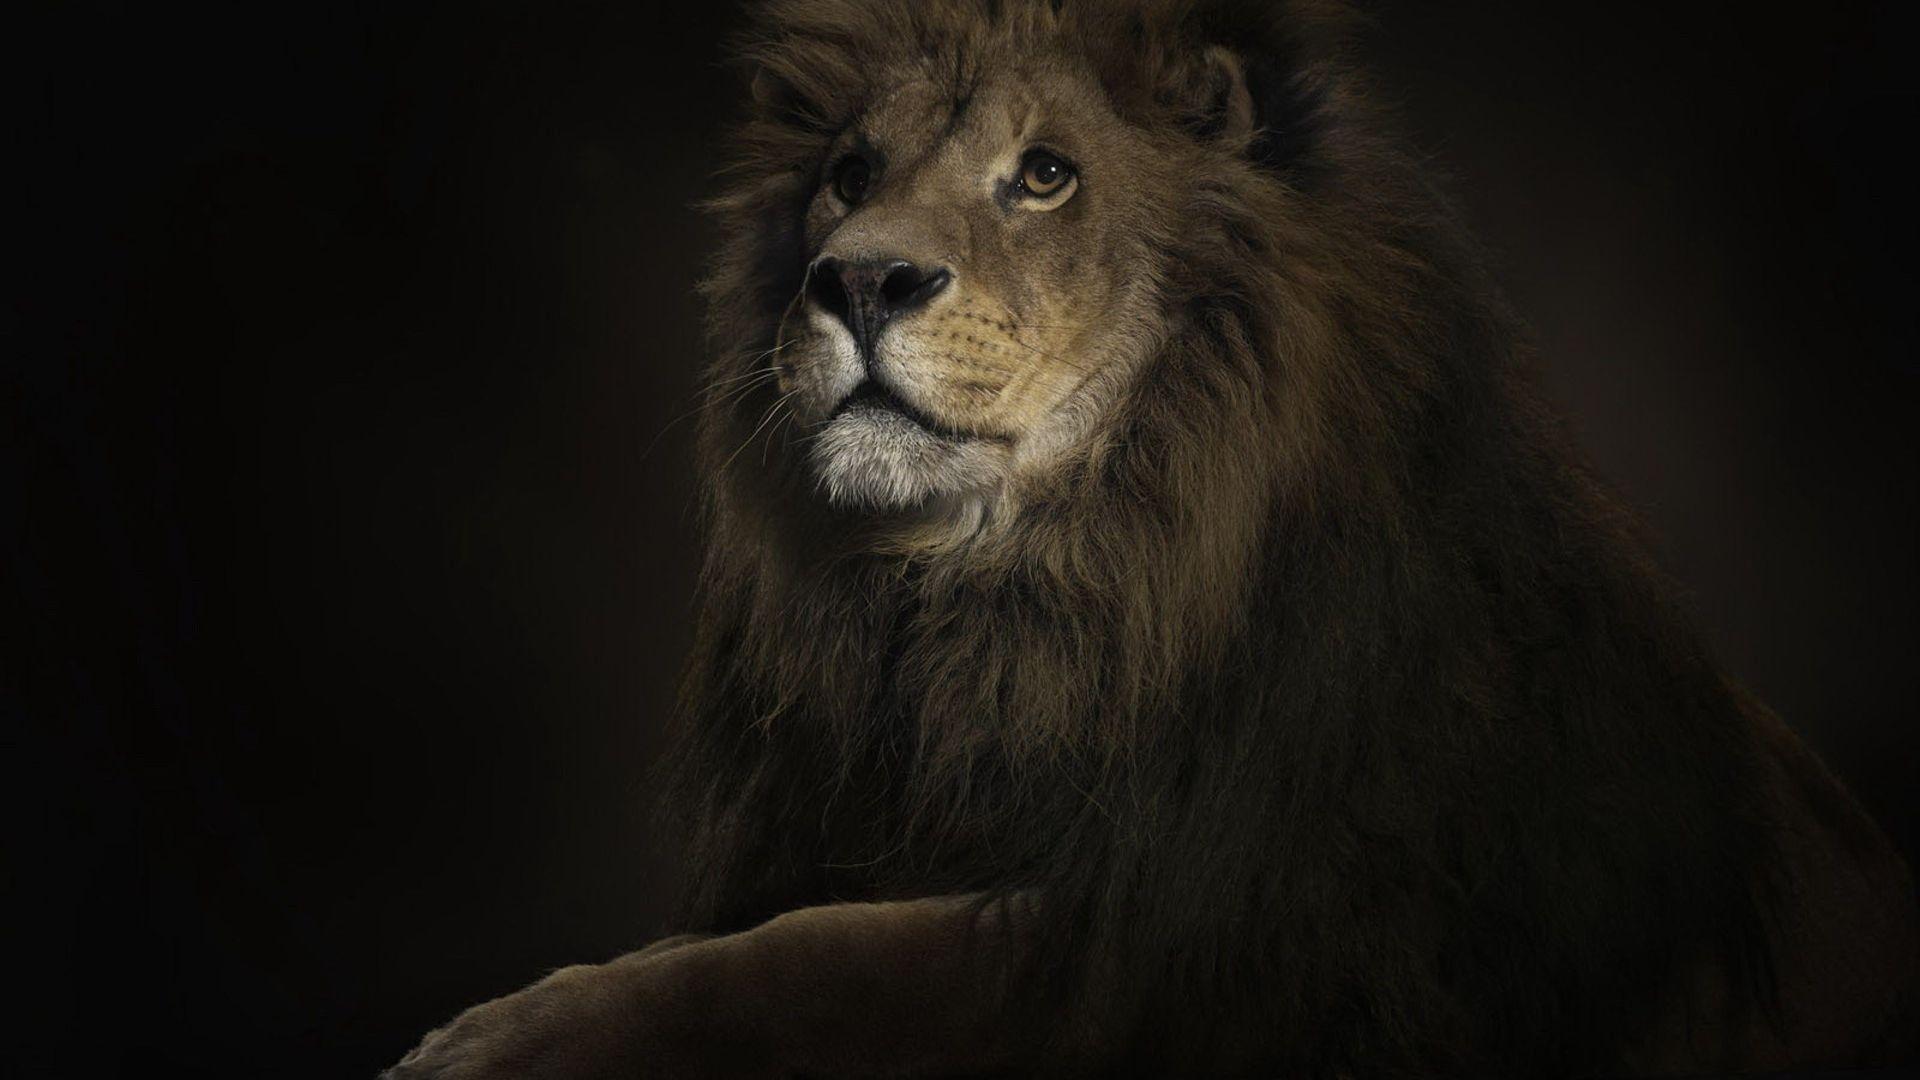 Fabuleux Roi lion fond ecran Noir - 10 000 Fonds d'écran HD gratuits et de  FL57